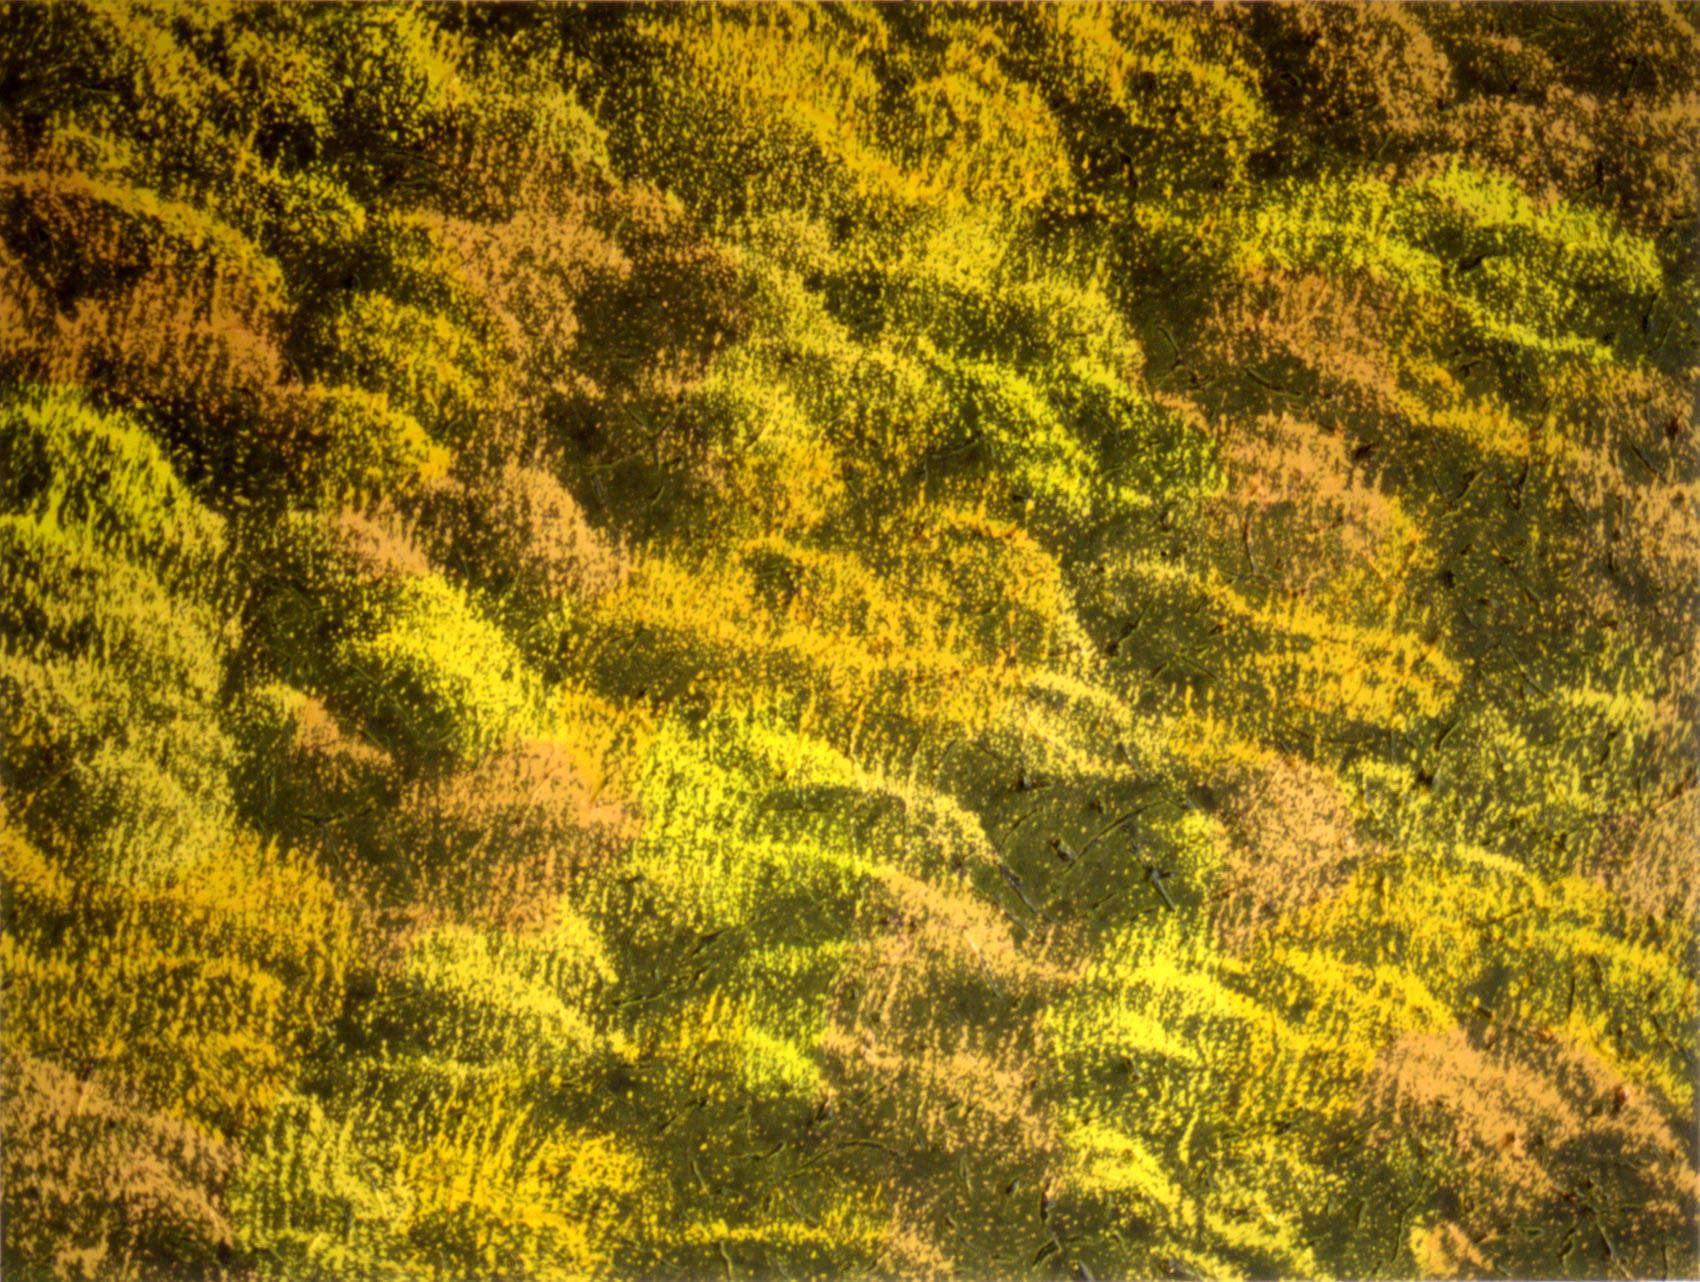 Broussailles, 1993, acrylique sur toile, 110 x 145 cm